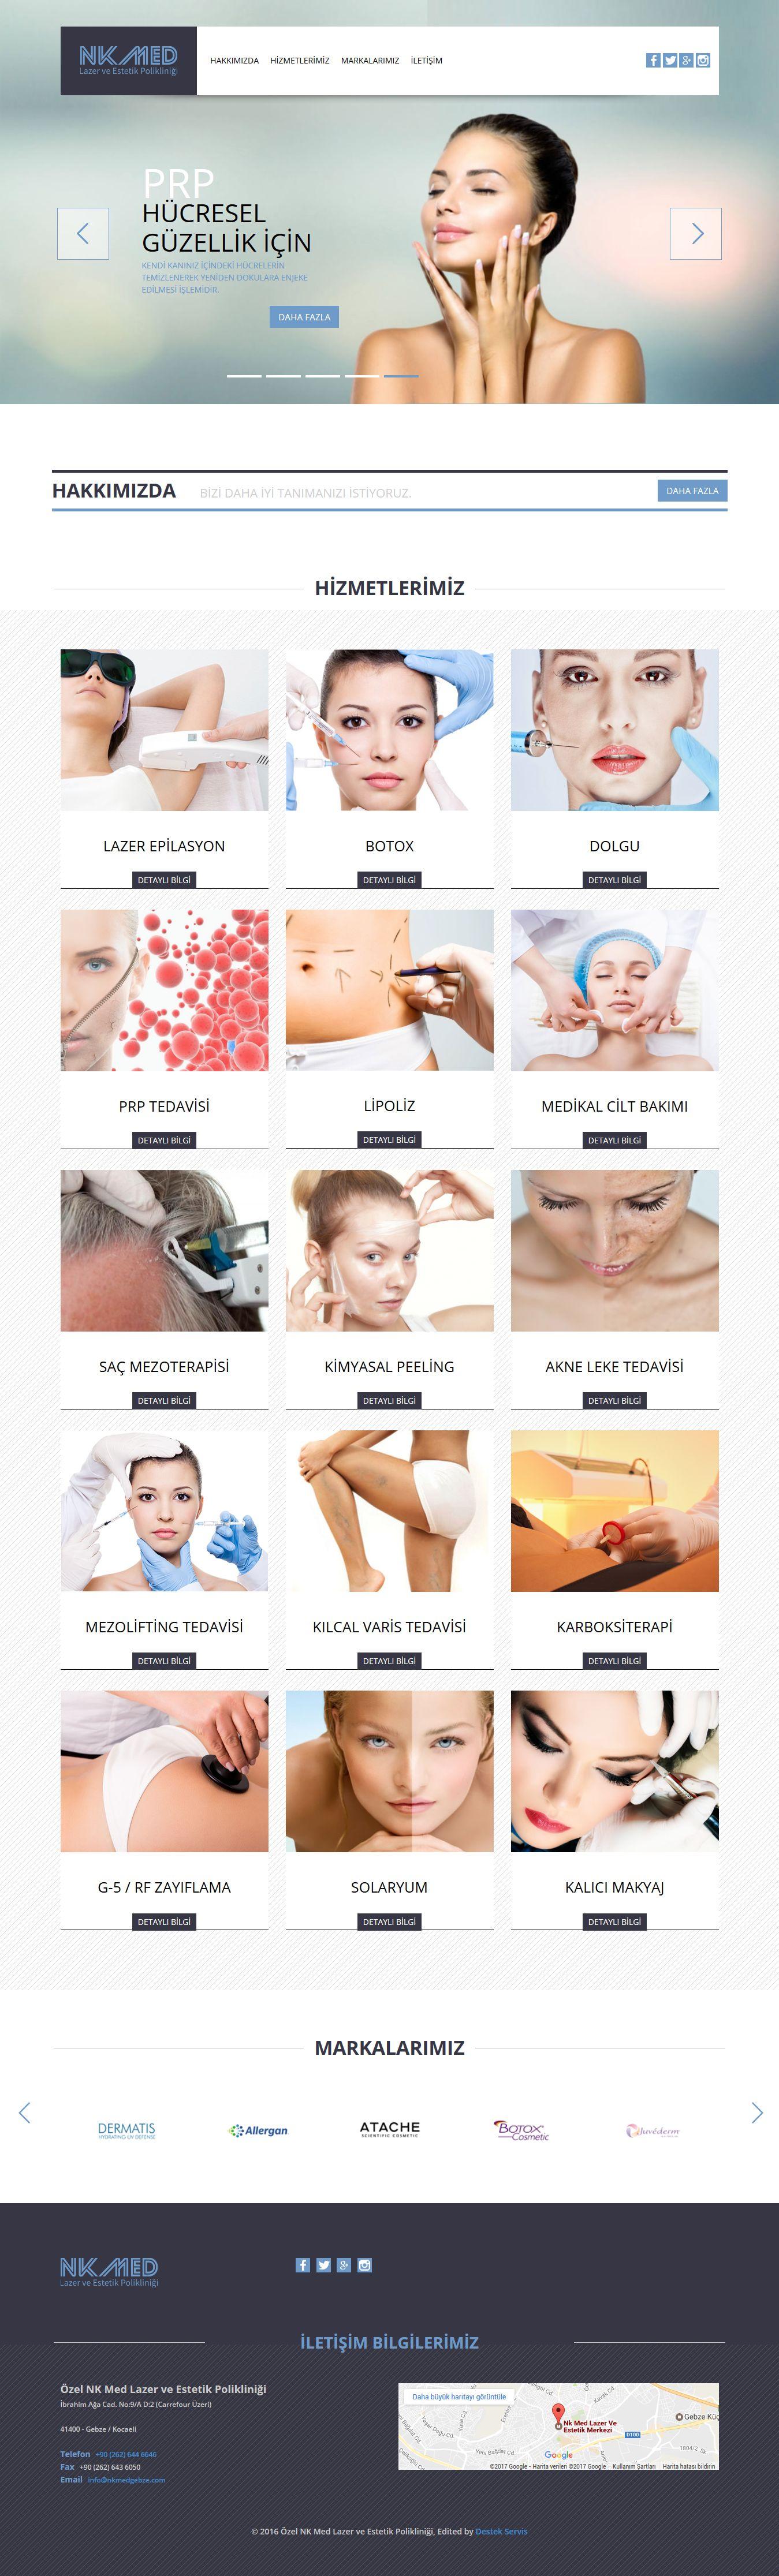 www.nkmedgebze.com